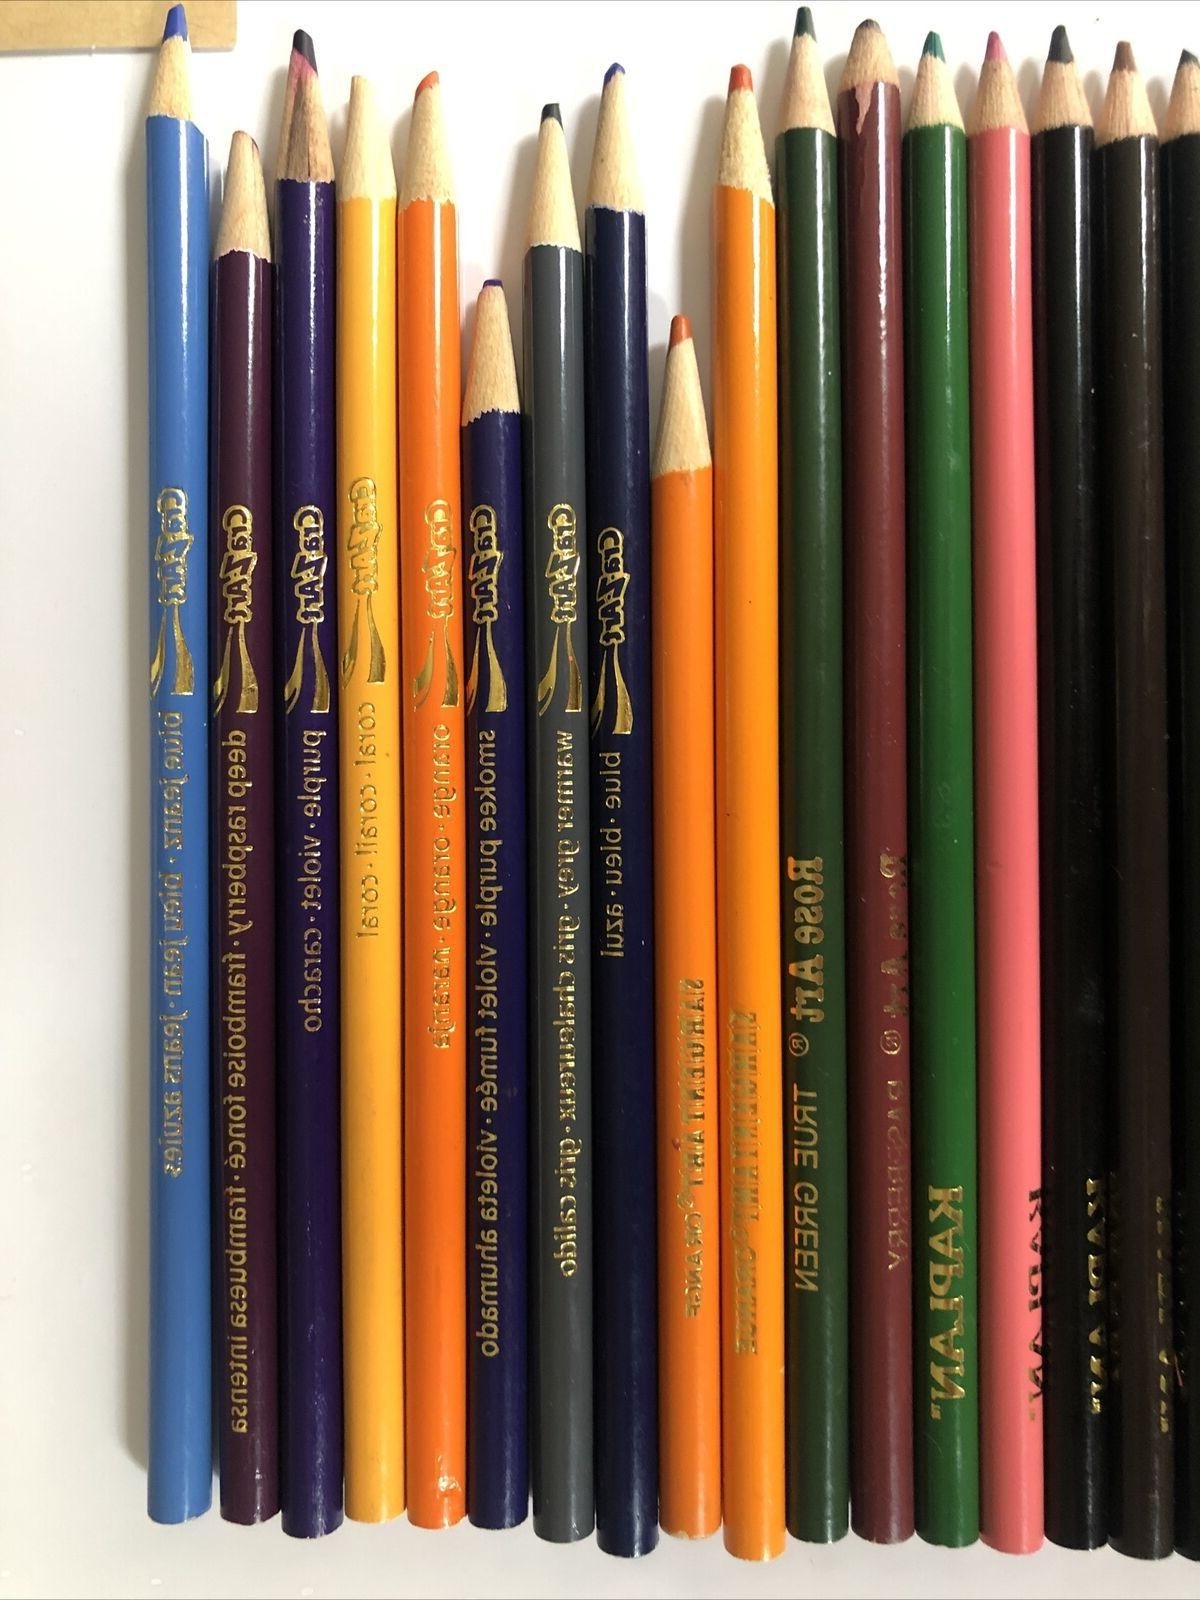 Lot 35 Pencils Kaplan, Rose